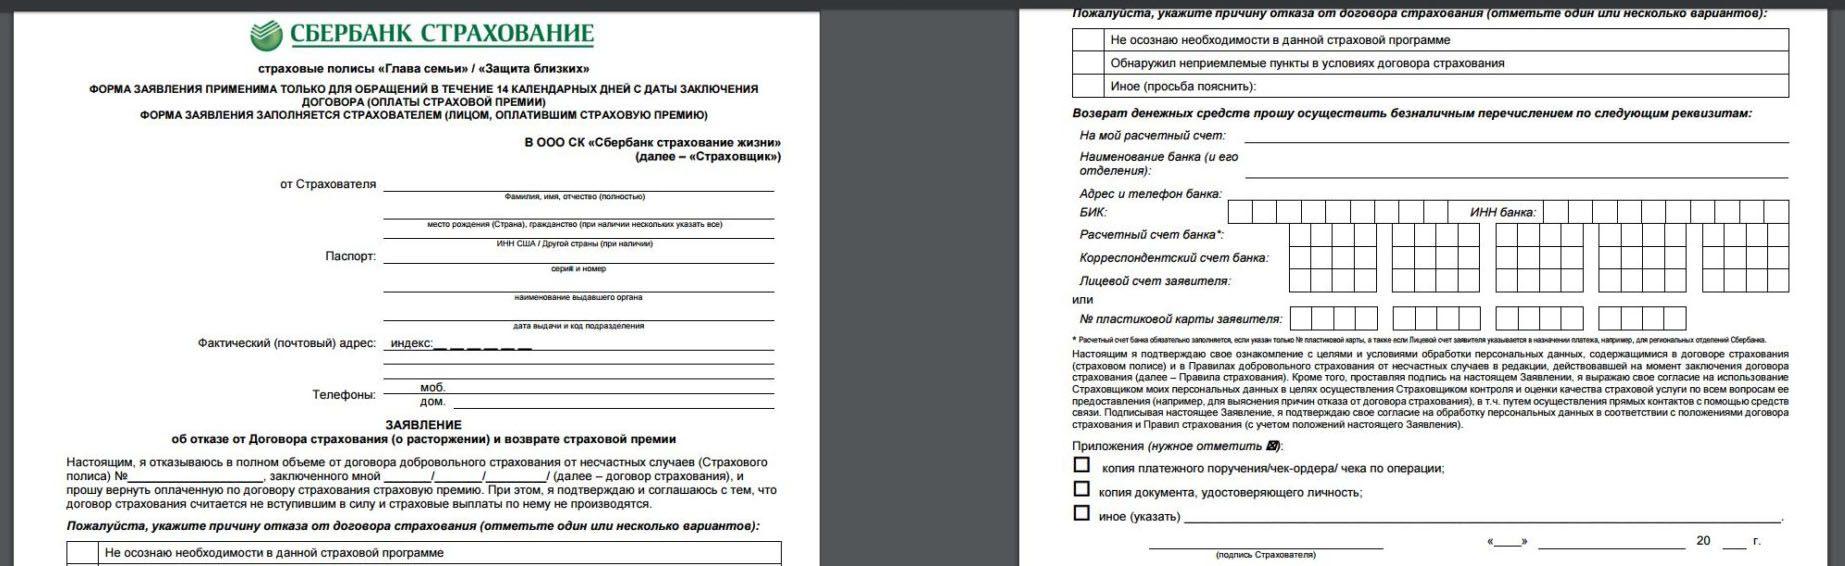 Образец заявления в Сбербанке5c5b6221e2317